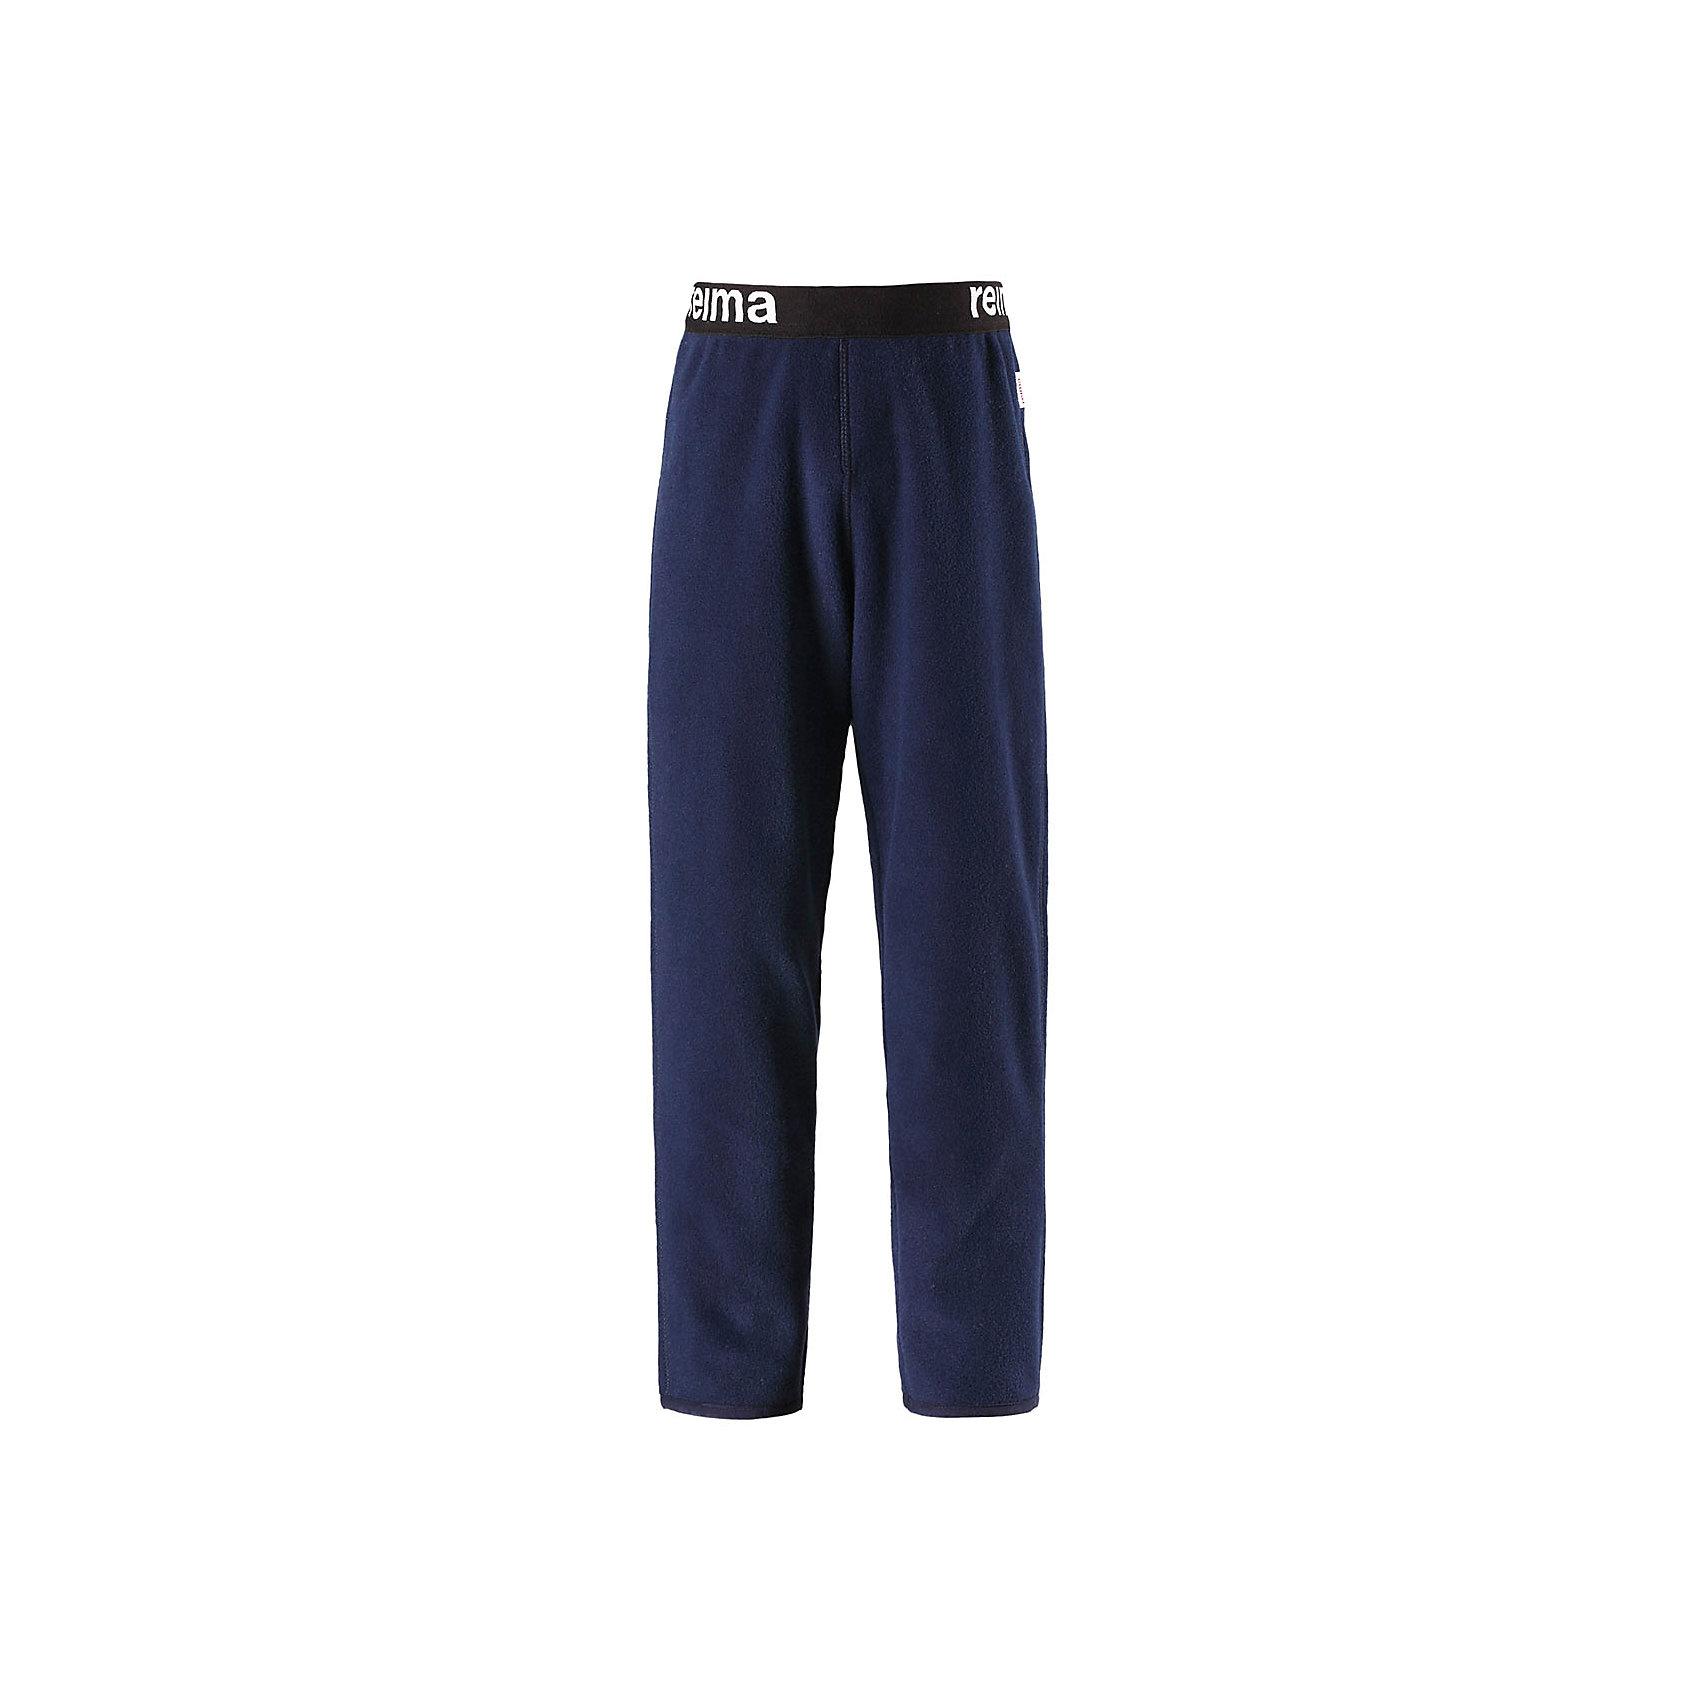 Флисовые брюки Reima ArgeliusФлис и термобелье<br>Характеристики товара:<br><br>• цвет: синий;<br>• состав: 100% полиэстер;<br>• сезон: зима;<br>• быстро сохнут и сохраняют тепло;<br>• выводит влагу в верхние слои одежды;<br>• регулируемый пояс со шнурком;<br>• эластичная резинка на штанинах;<br>• страна бренда: Финляндия;<br>• страна изготовитель: Китай.<br><br>Детские флисовые брюки отлично подойдут для поддевания под верхнюю одежду. Легкий и теплый полярный флис эффективно отводит влагу с кожи и быстро сохнет. Детские флисовые брюки снабжены регулируемой эластичной резинкой на талии, благодаря чему, их удобно носить с несколькими слоями одежды. Имеются эластичные резинки на концах брючин.<br><br>Флисовые брюки Reima Argelius от финского бренда Reima (Рейма) можно купить в нашем интернет-магазине.<br><br>Ширина мм: 215<br>Глубина мм: 88<br>Высота мм: 191<br>Вес г: 336<br>Цвет: синий<br>Возраст от месяцев: 108<br>Возраст до месяцев: 120<br>Пол: Унисекс<br>Возраст: Детский<br>Размер: 140,92,98,104,110,116,122,128,134<br>SKU: 6901913